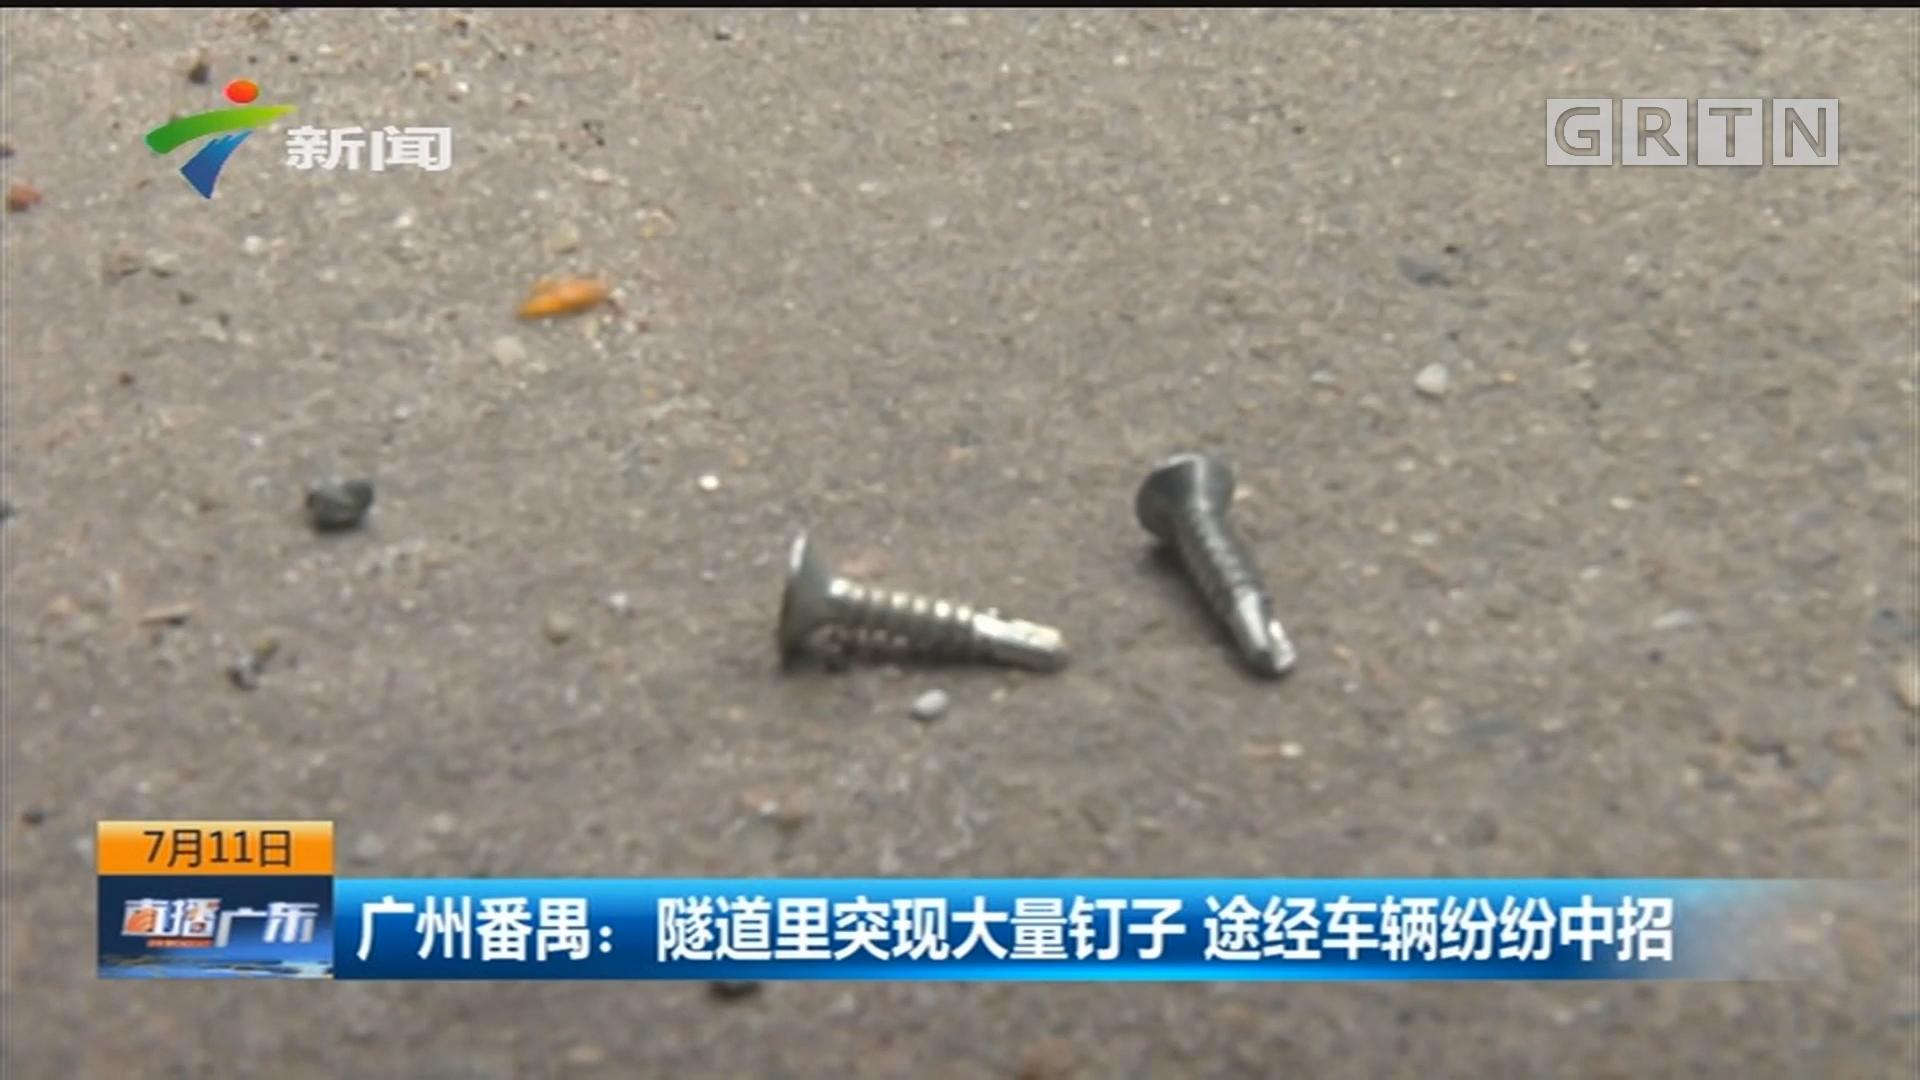 广州番禺:隧道里突现大量钉子 途径车辆纷纷中招